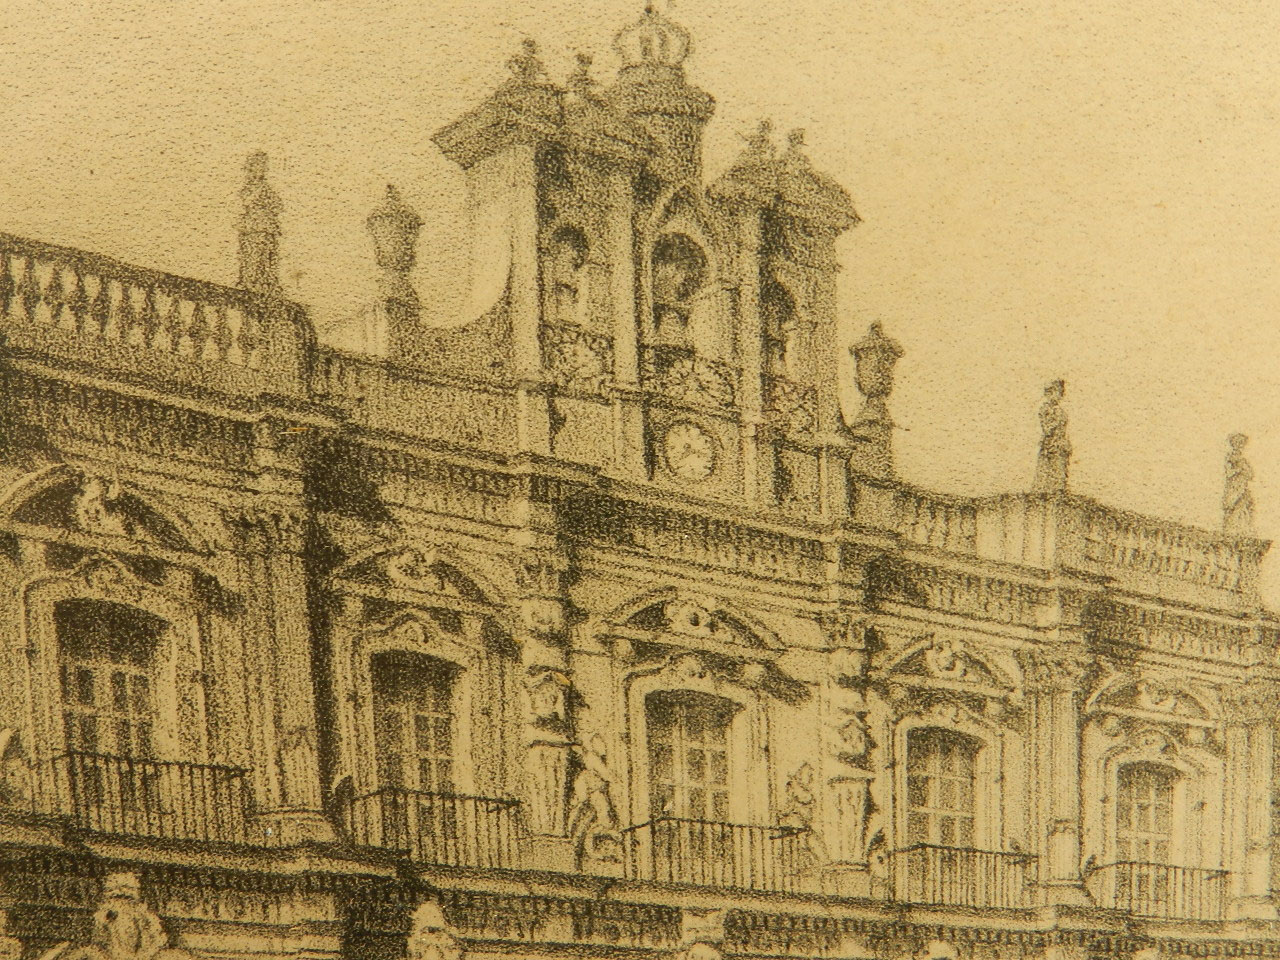 Imagen LITOGRAFÍA P. MAYOR SALAMANCA AÑO 1860 24851